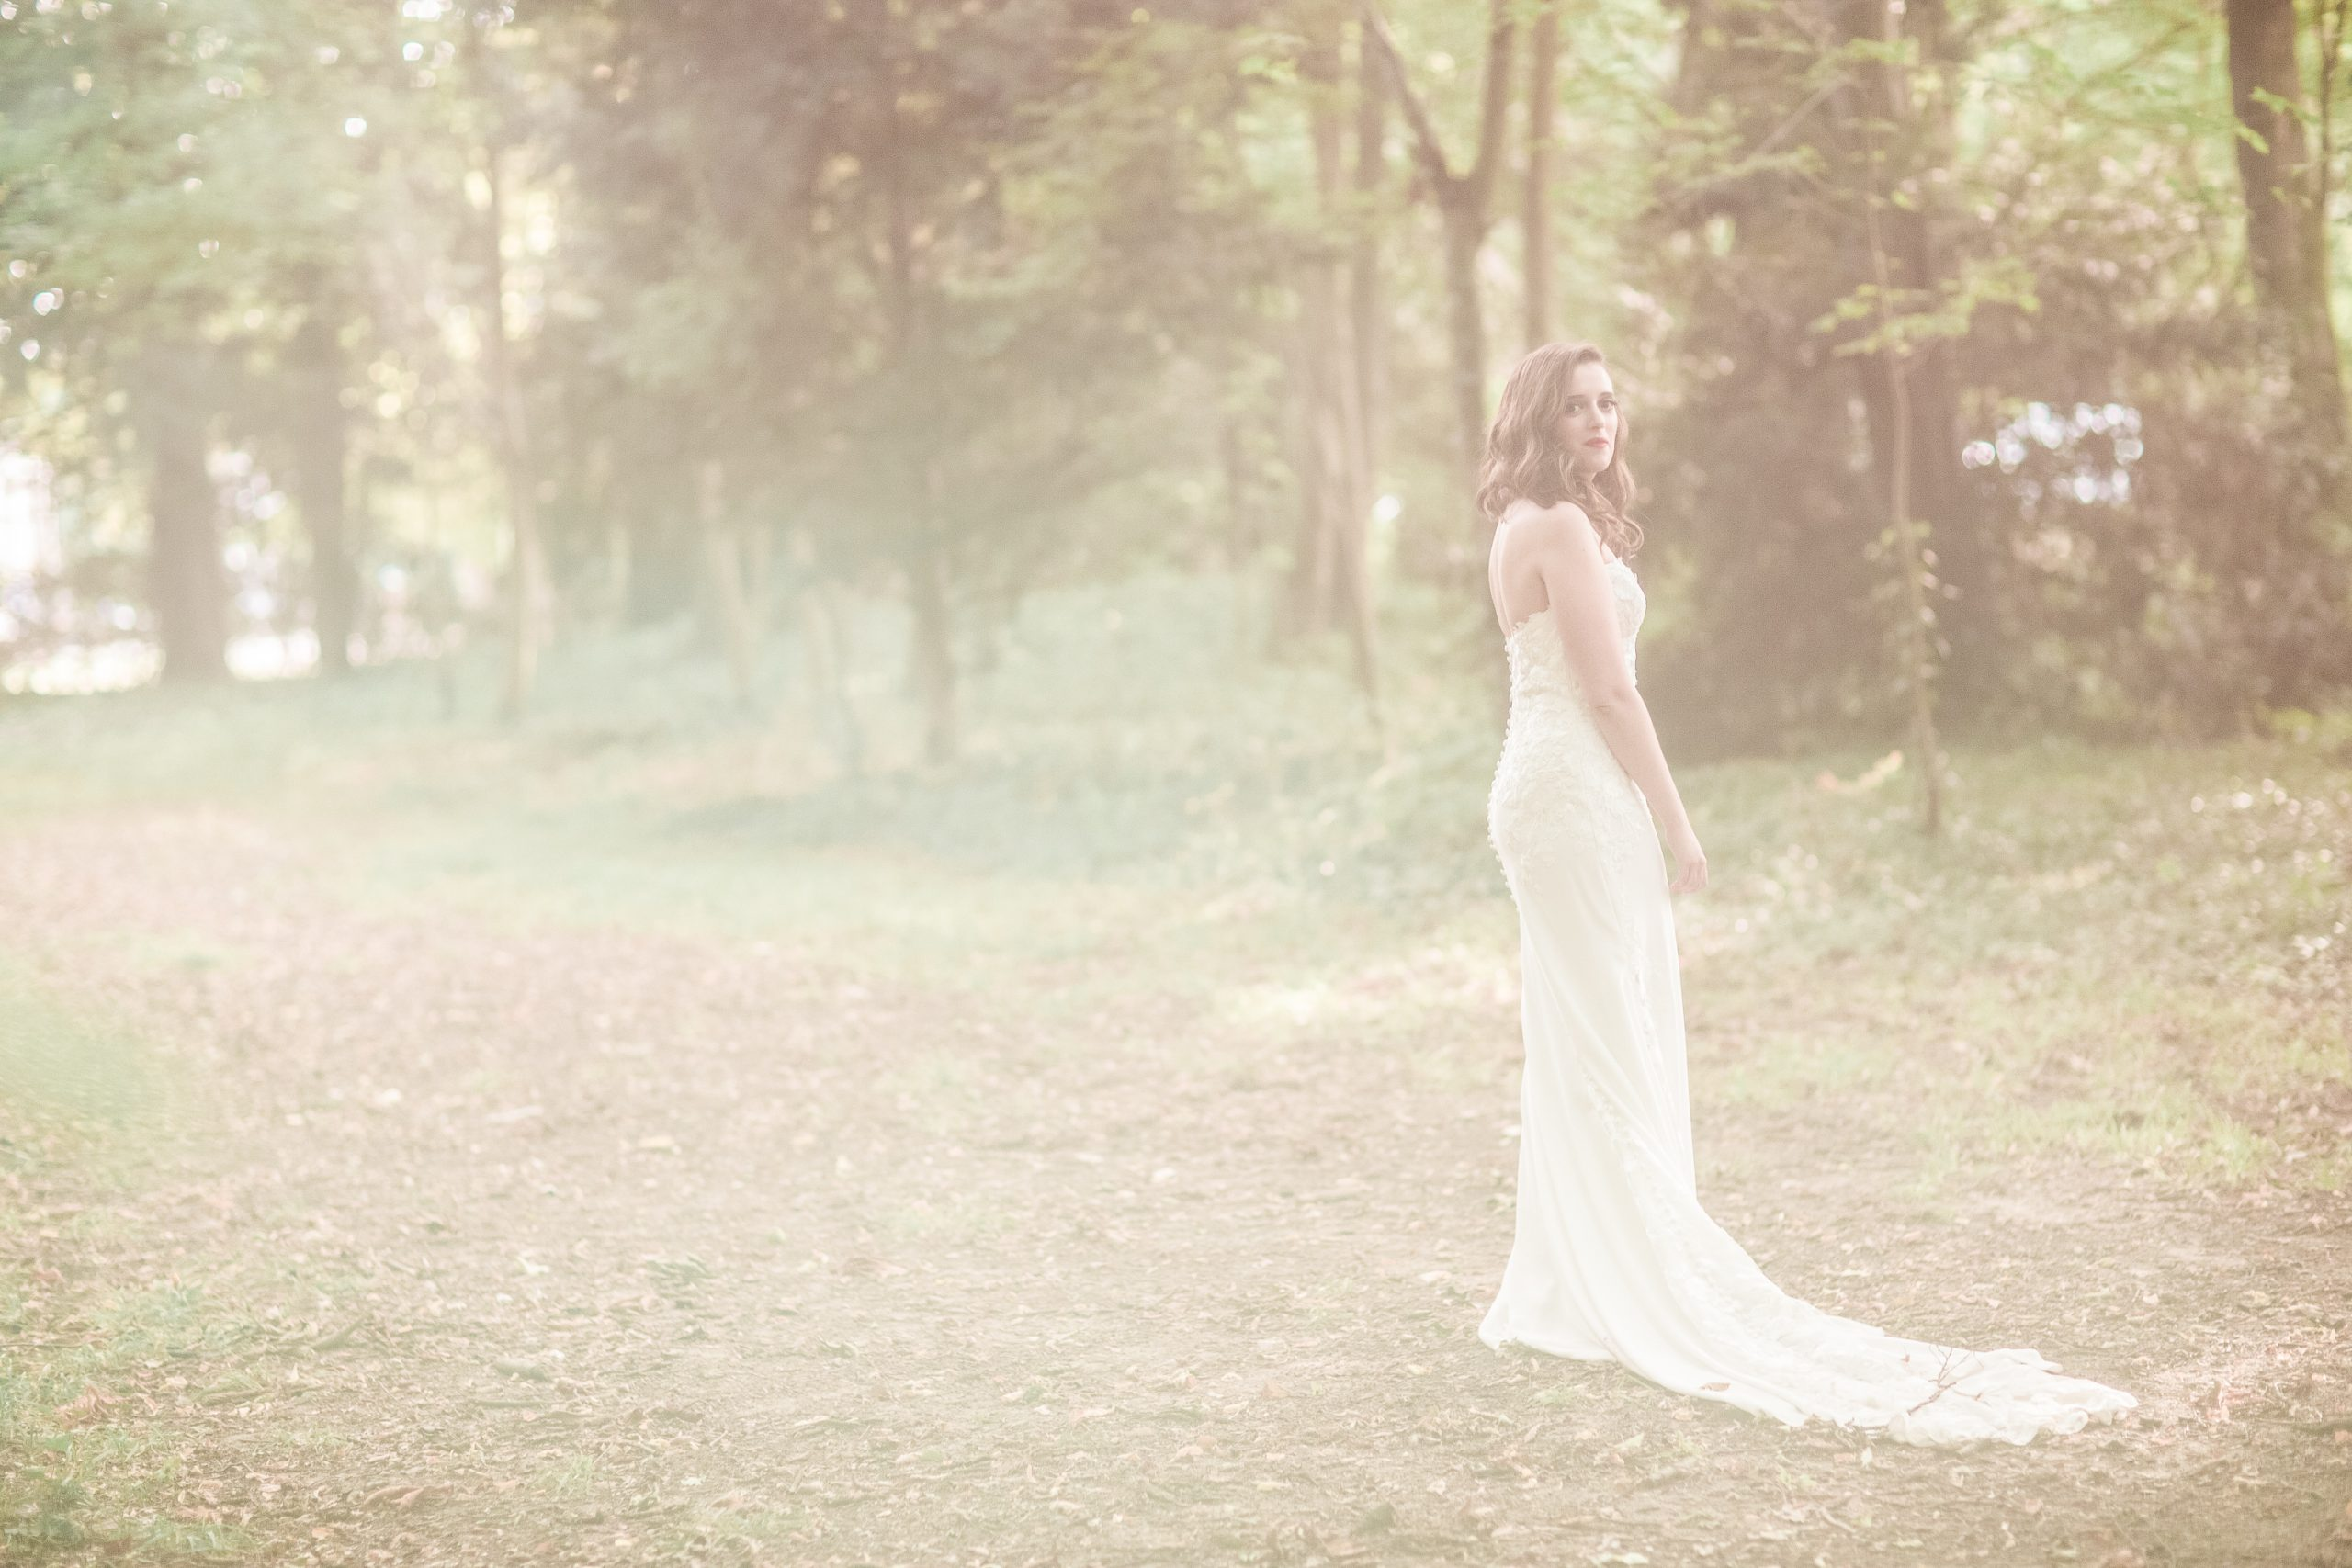 photographie-mariage-a-contre-jour-chateau-nandy